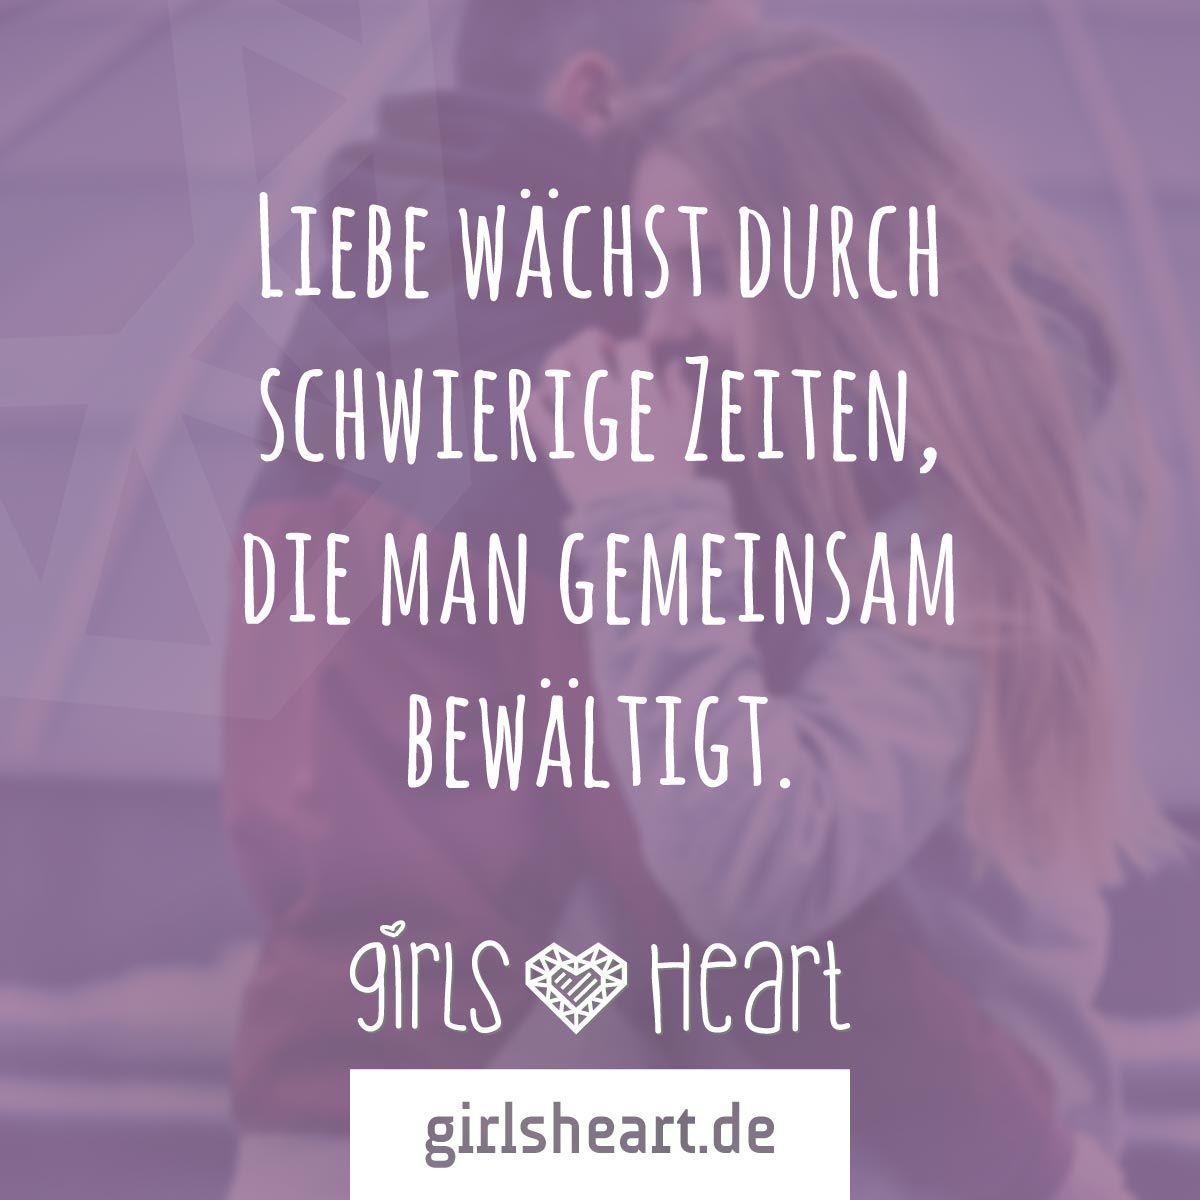 mehr sprüche auf: www.girlsheart.de #wochenende #momente